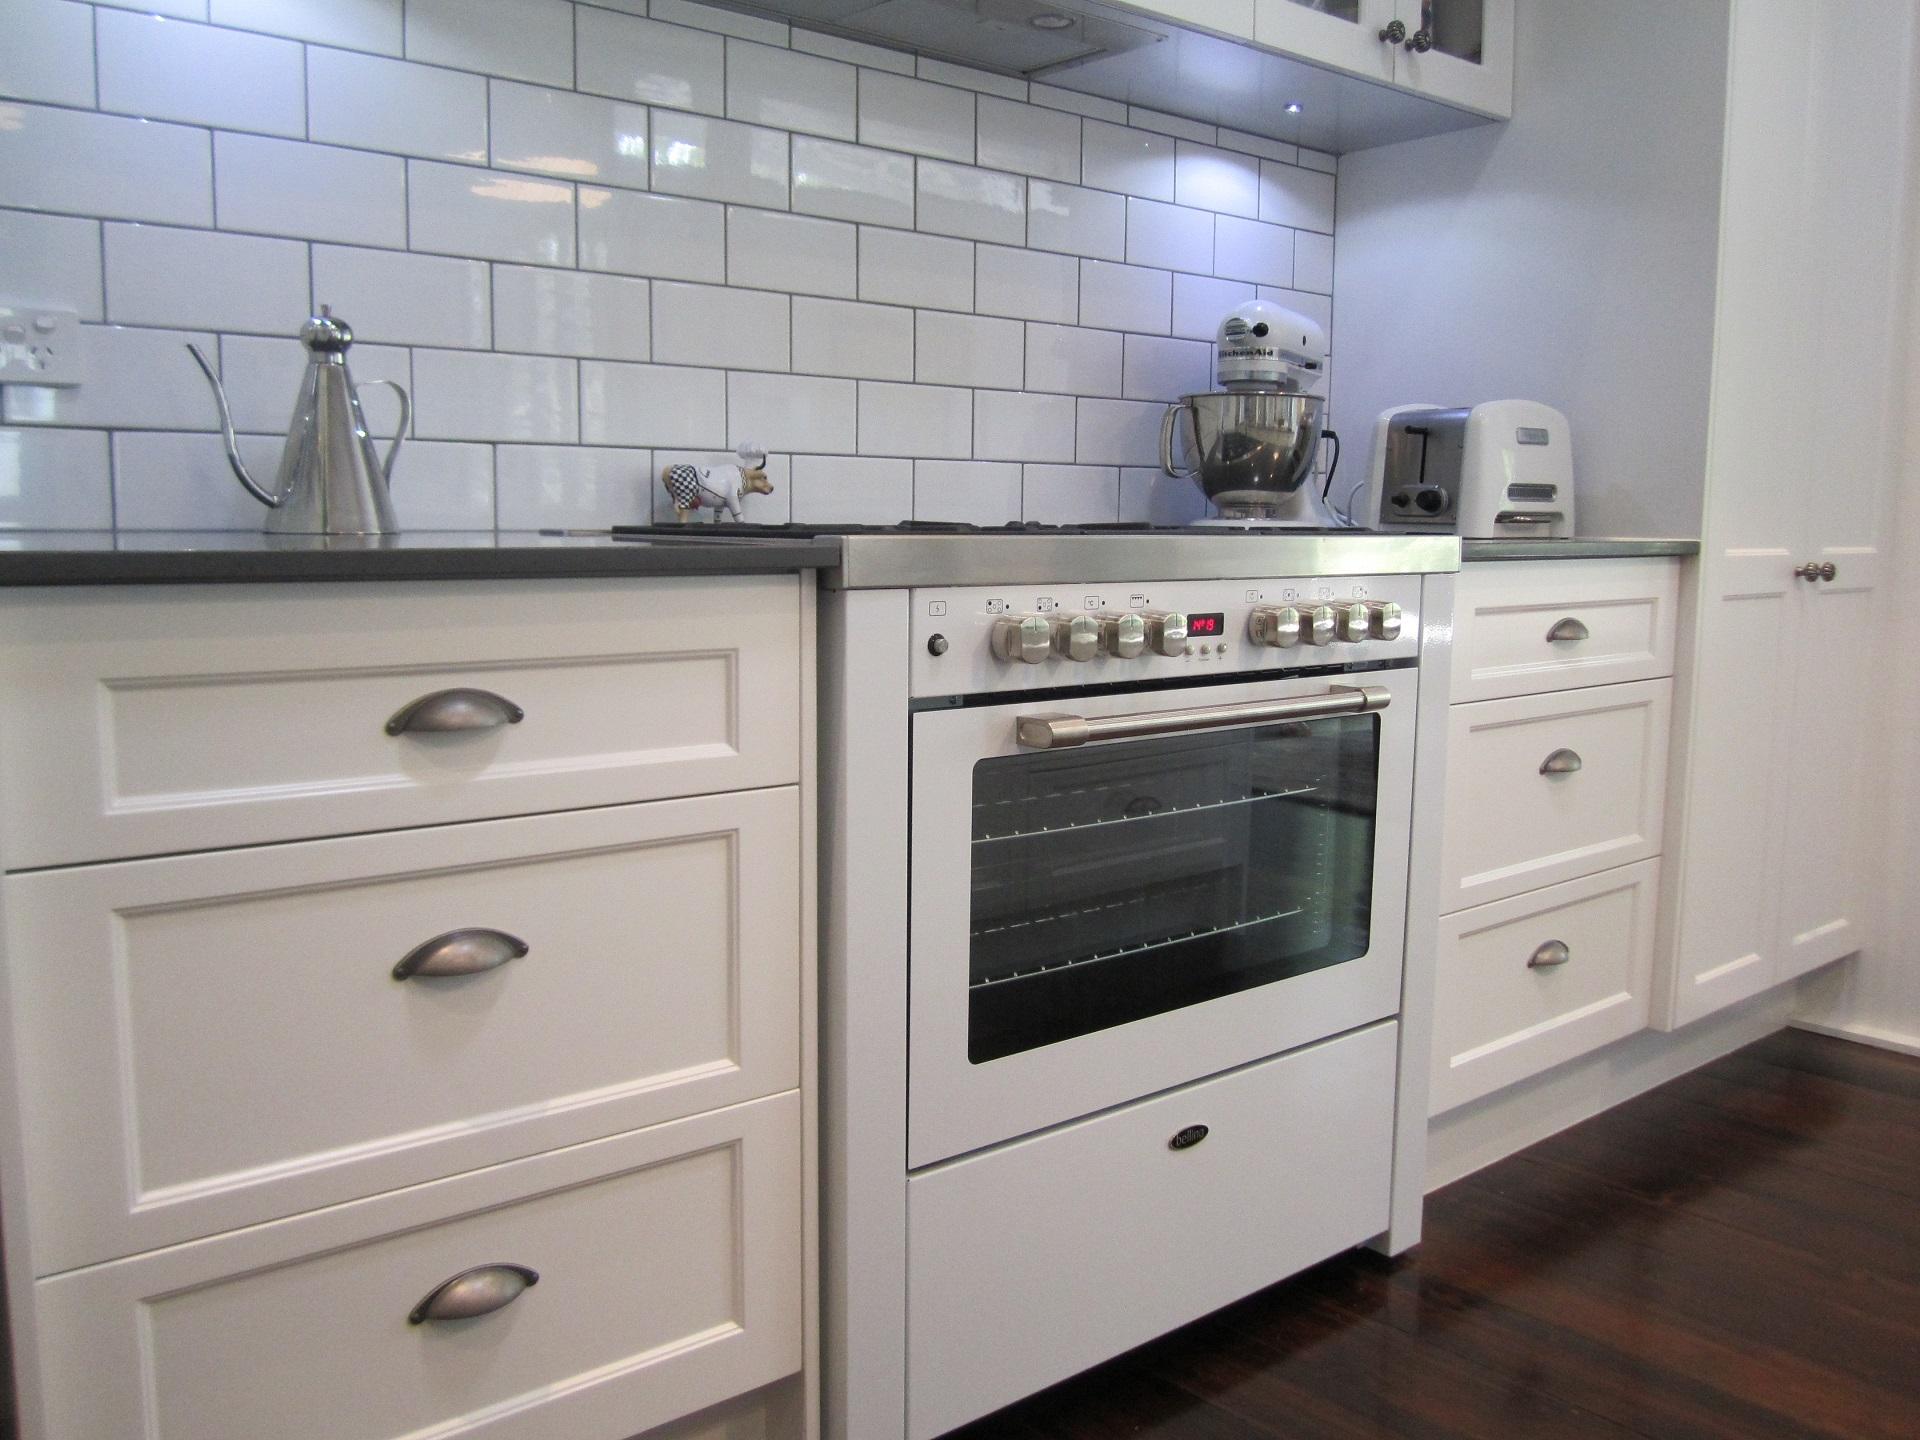 Design Ragaglia Newfarm Shaker Kitchen